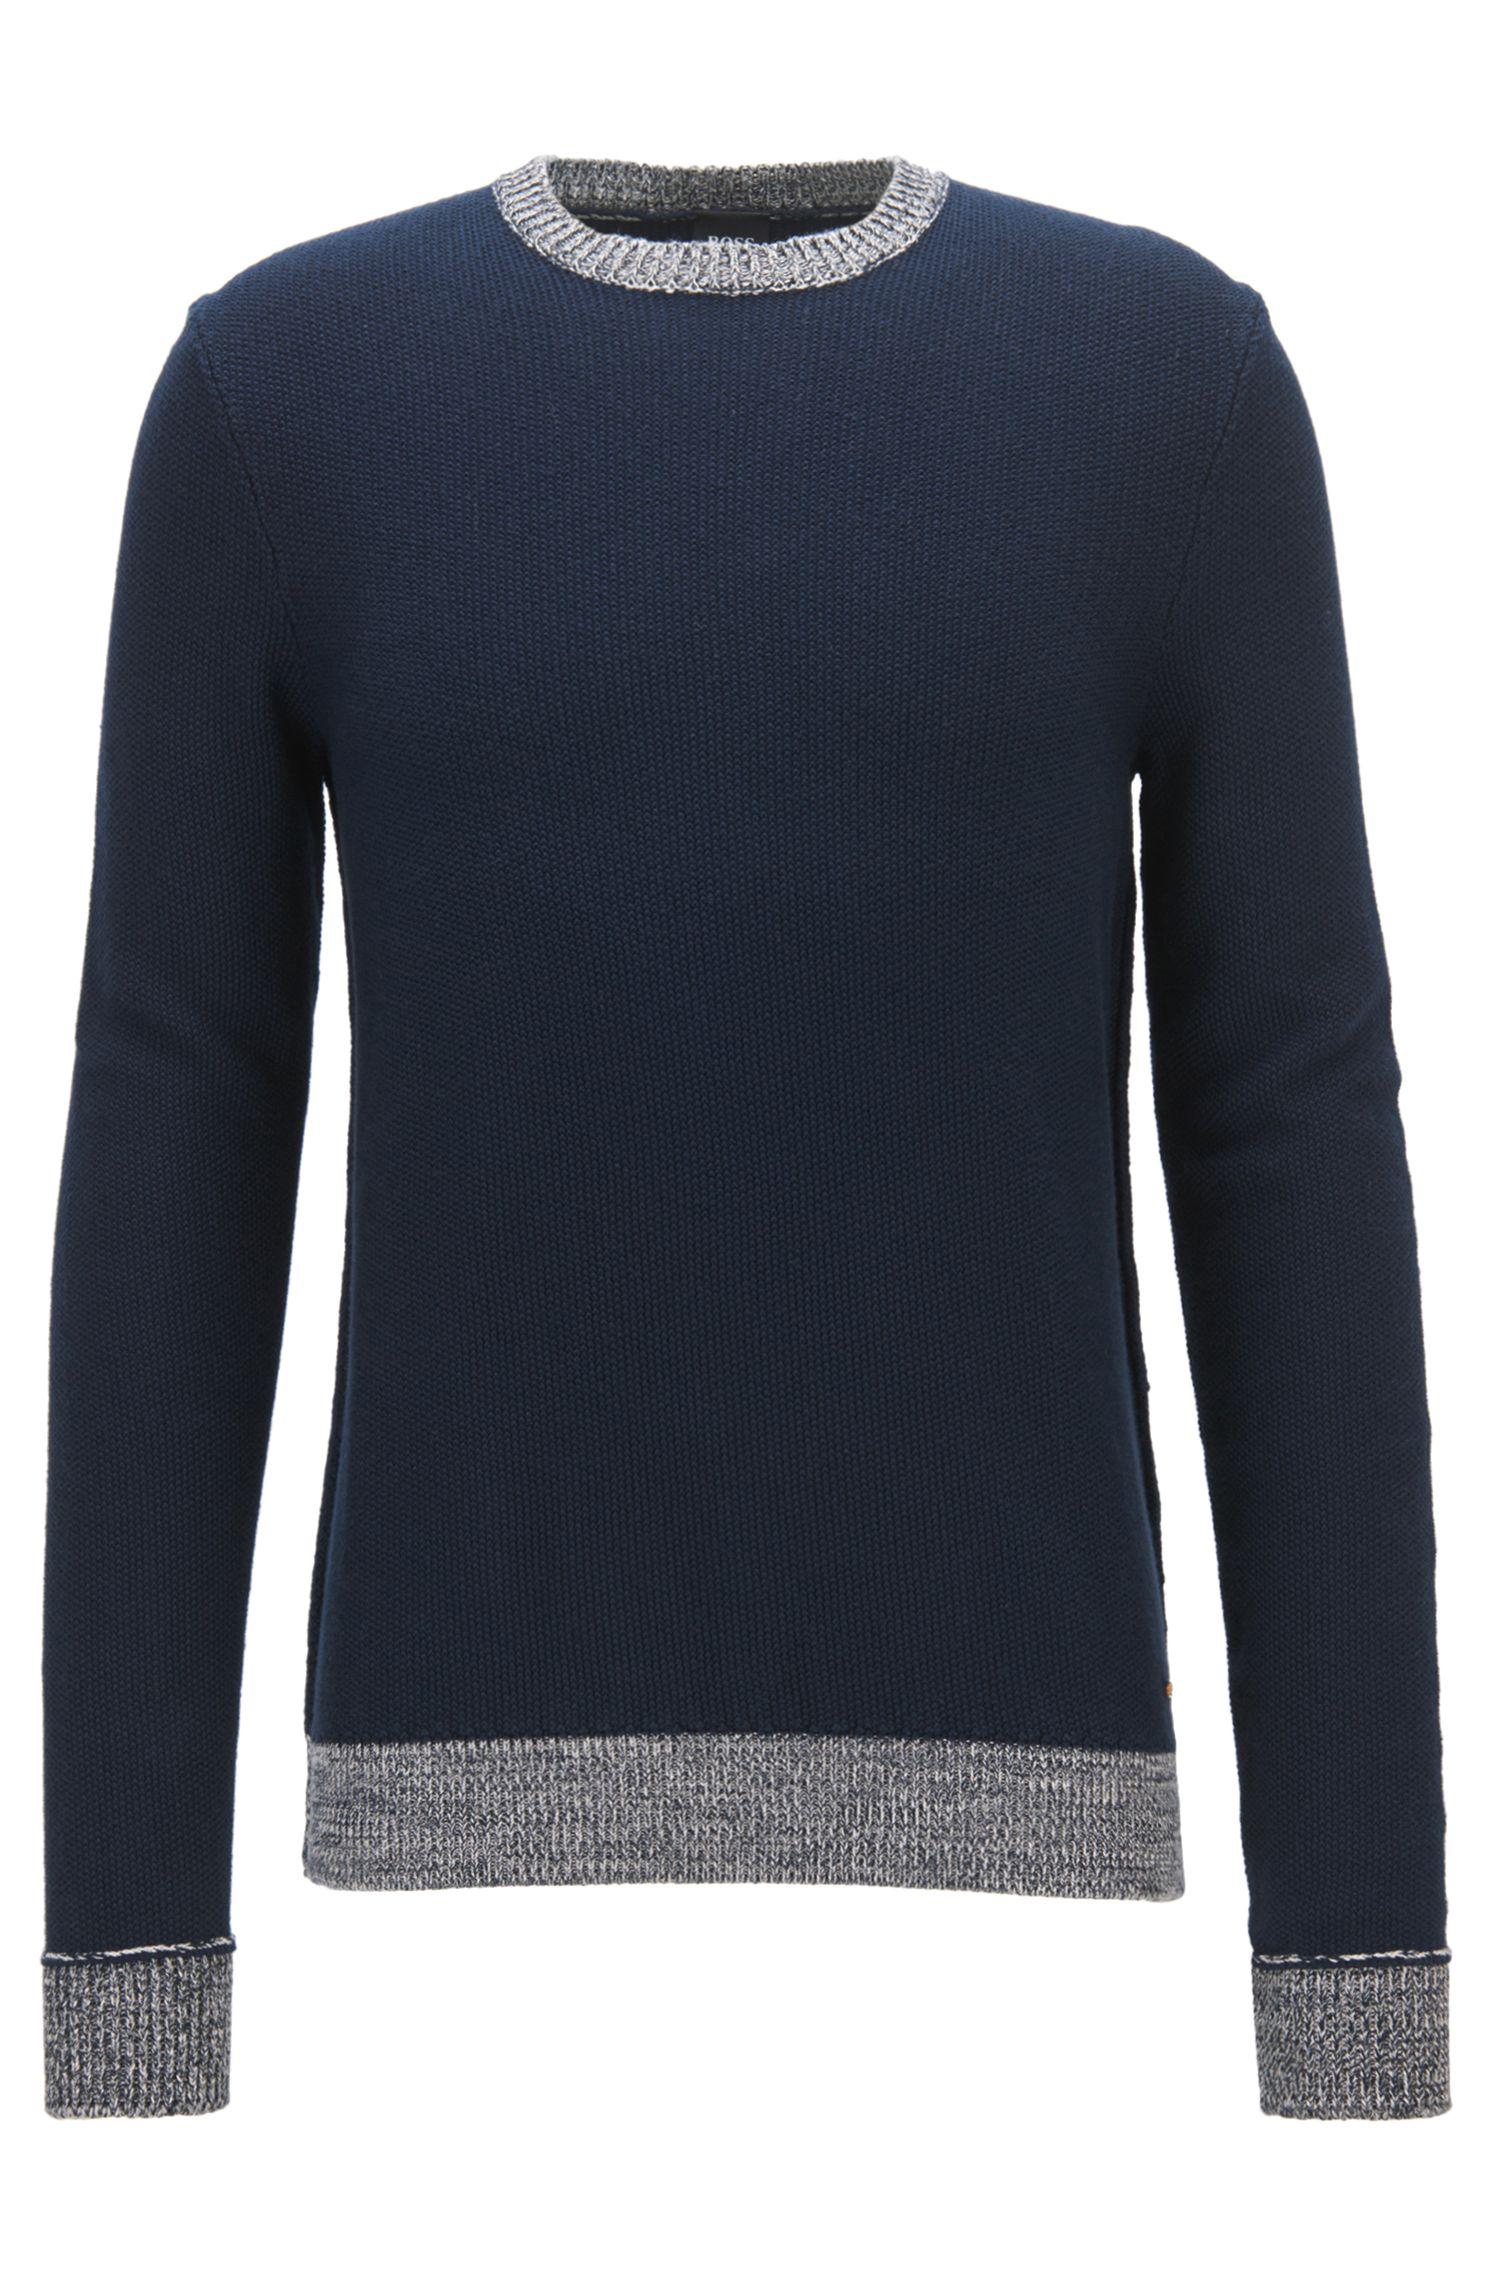 Jersey de algodón en micropunto con dobladillo de mouliné en contraste